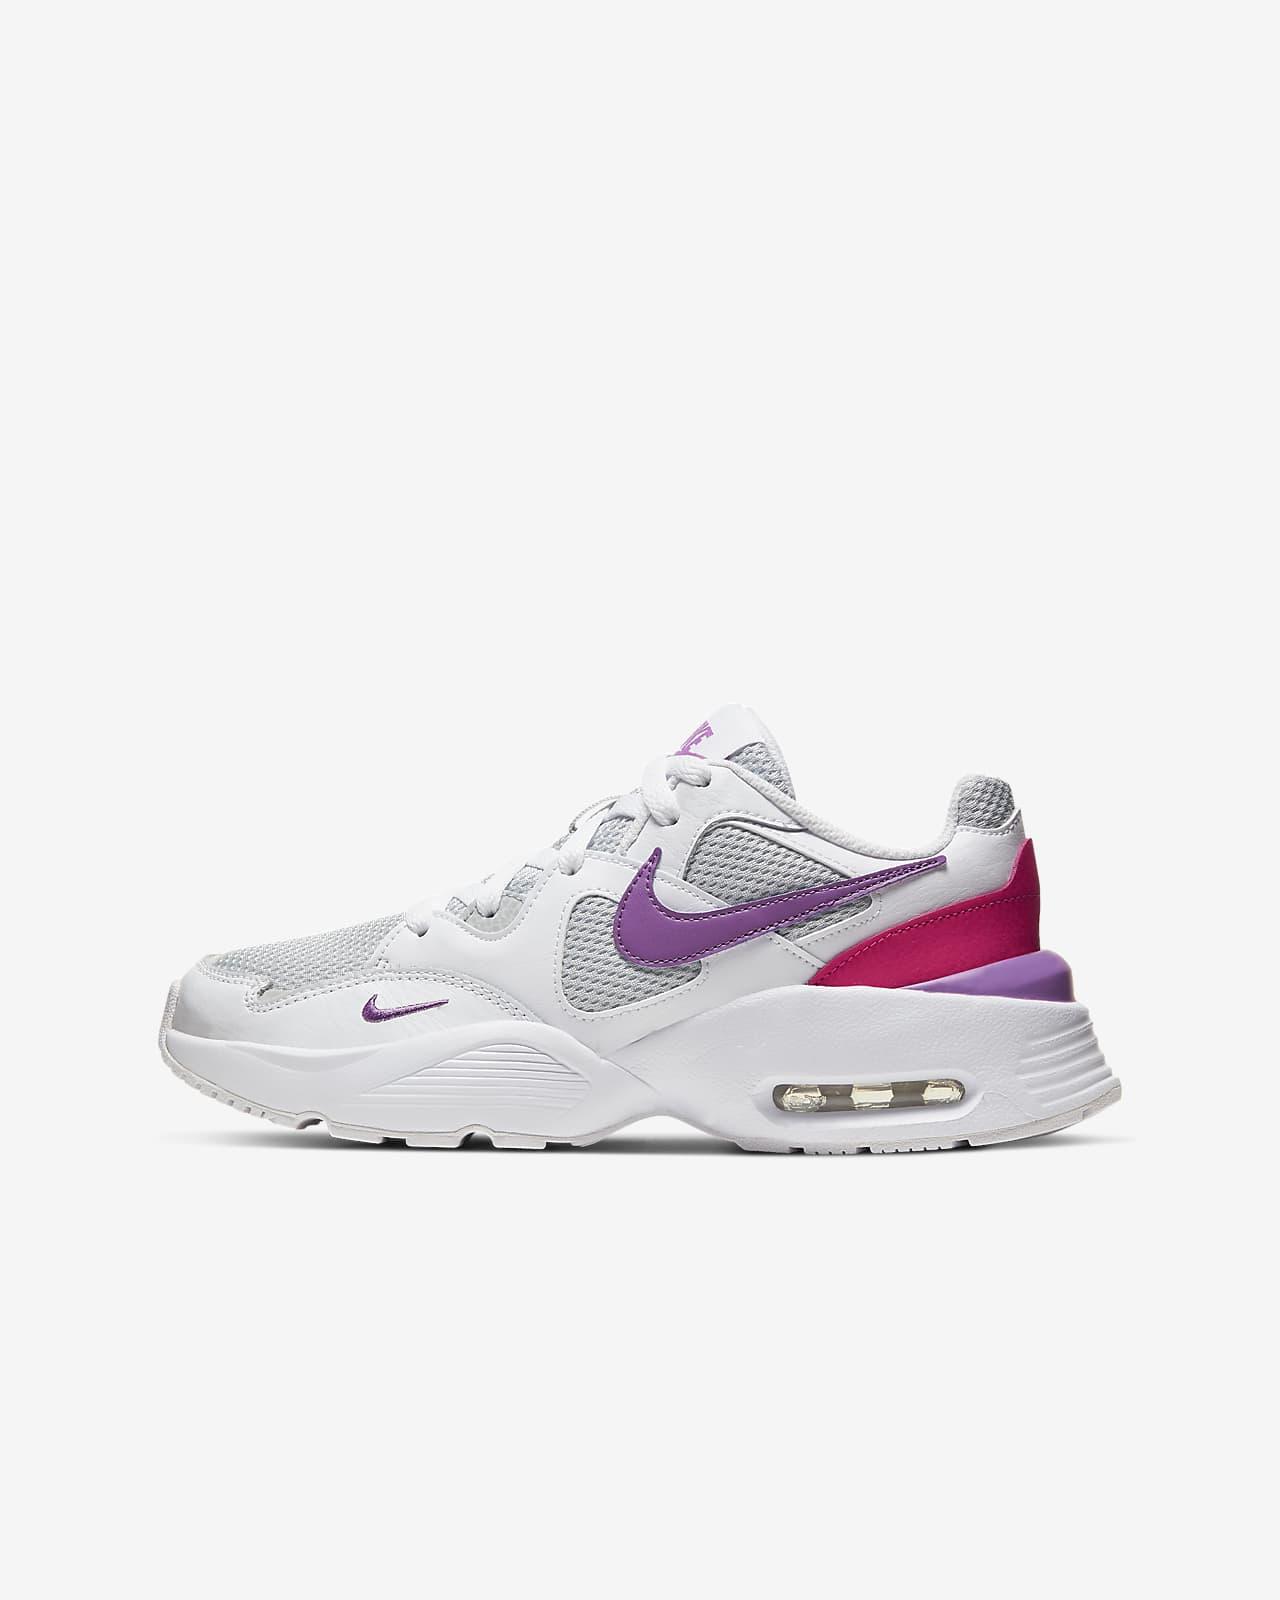 Παπούτσι Nike Air Max Fusion για μεγάλα παιδιά